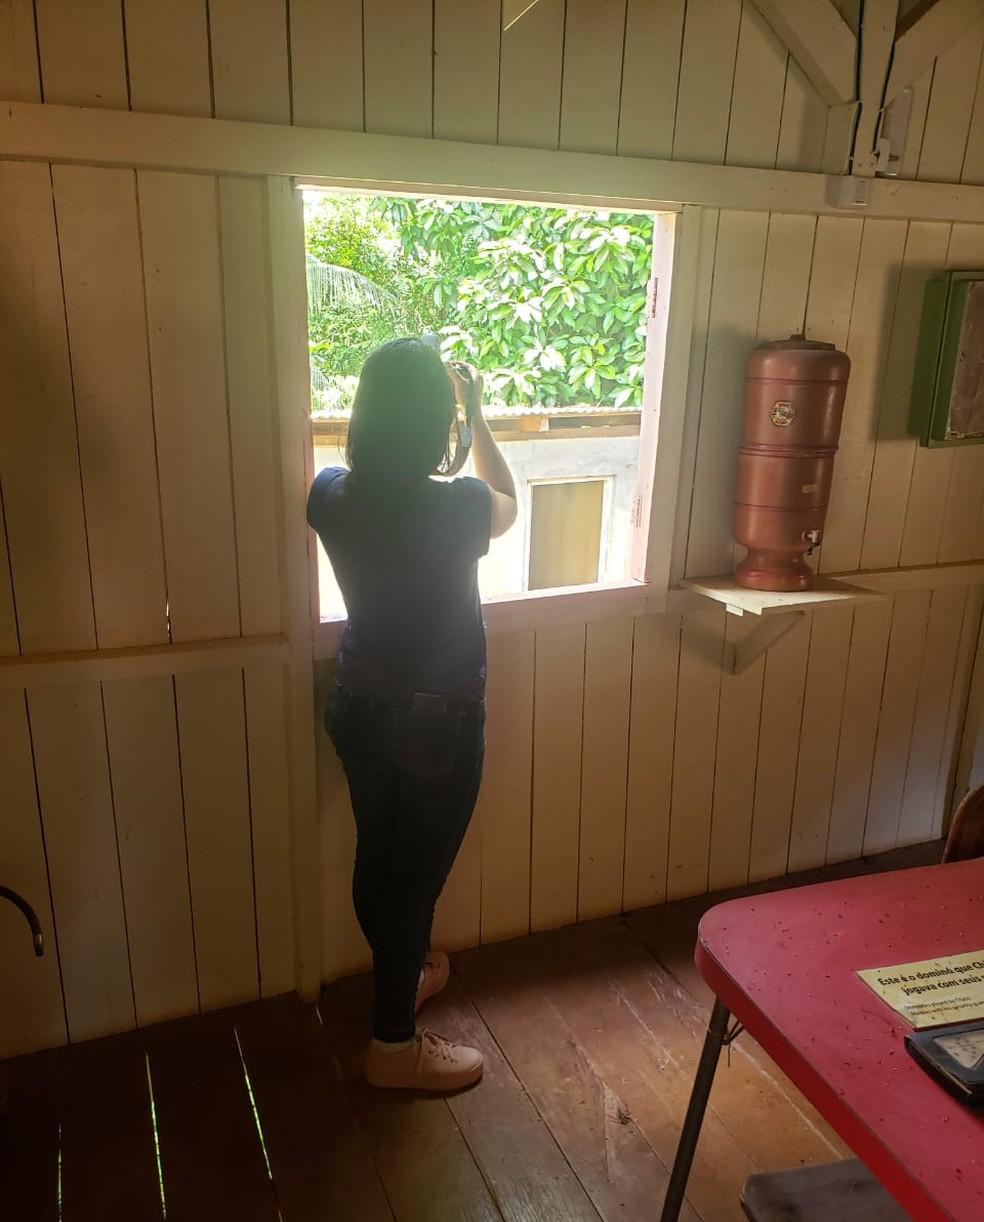 Casa do Chico Mendes é aberta apenas em casos especiais para estudos, diz irmã  — Foto: Elenira Mendes/Arquivo pessoal